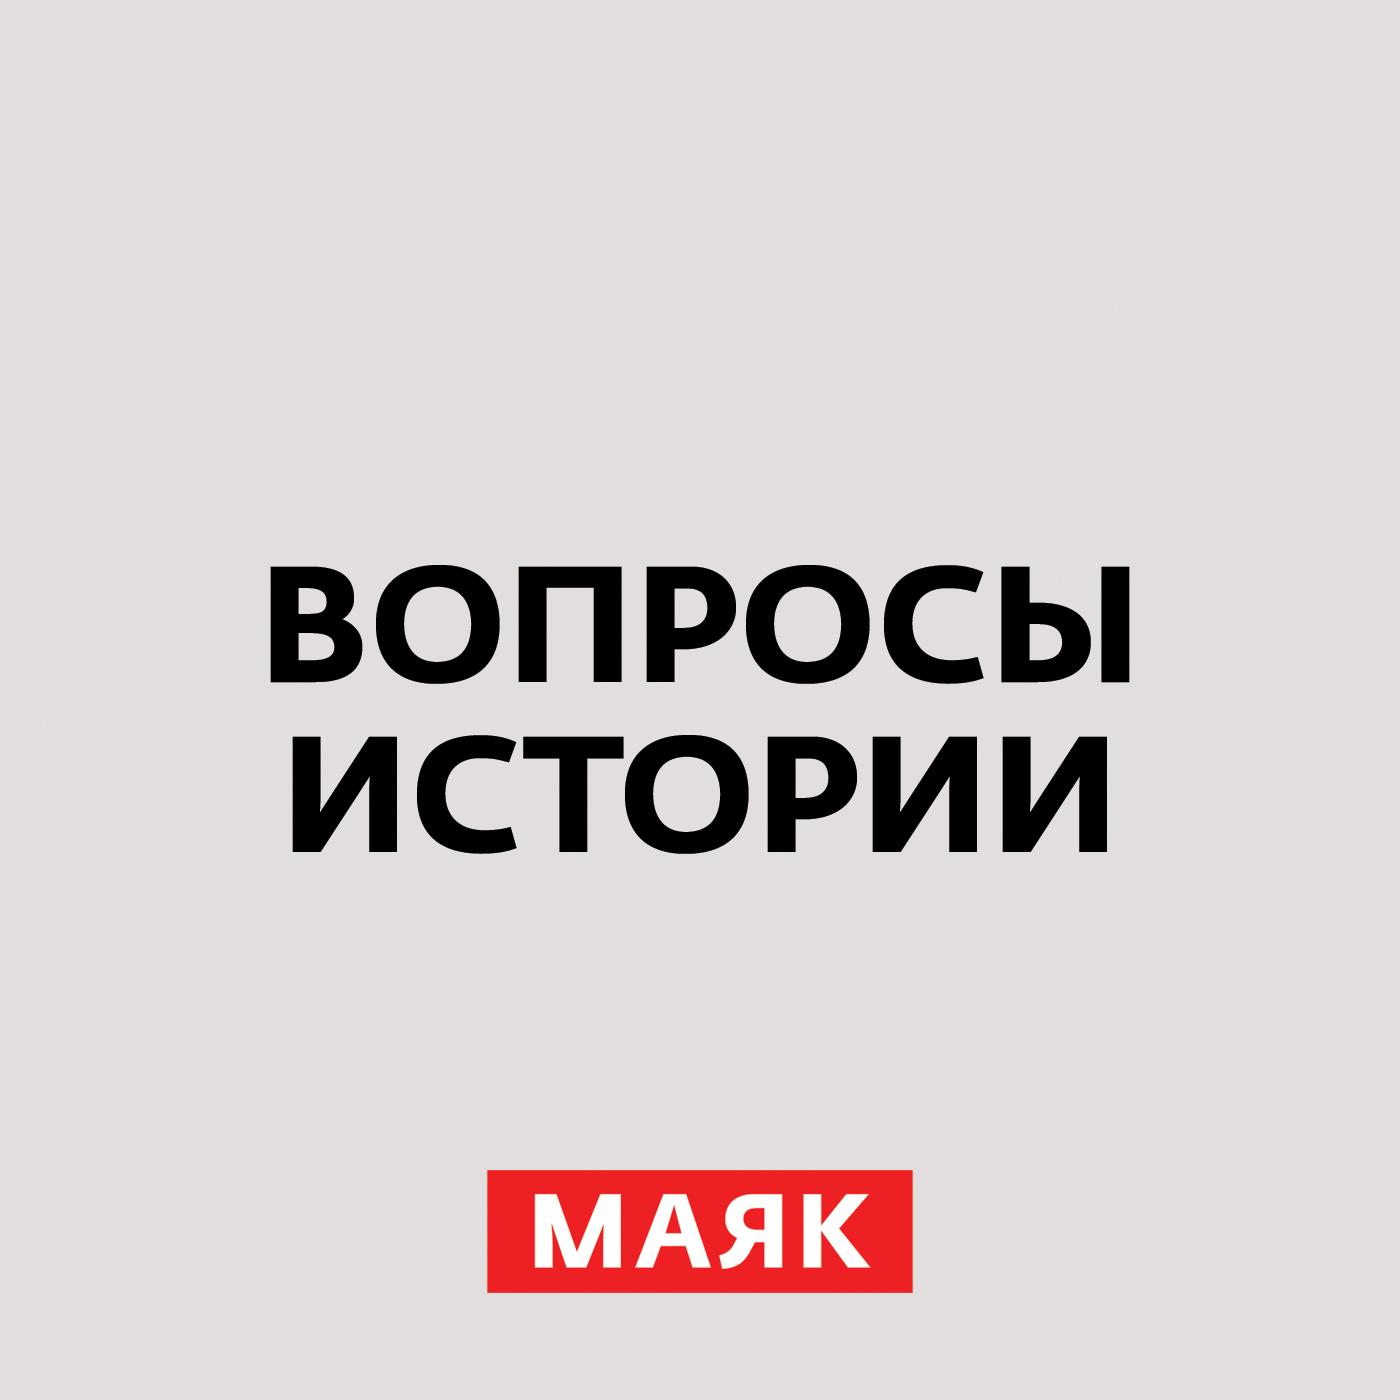 Андрей Светенко Маннергейм показал зубы и уберегся от возмездия в 45-м маннергейм к г воспоминания